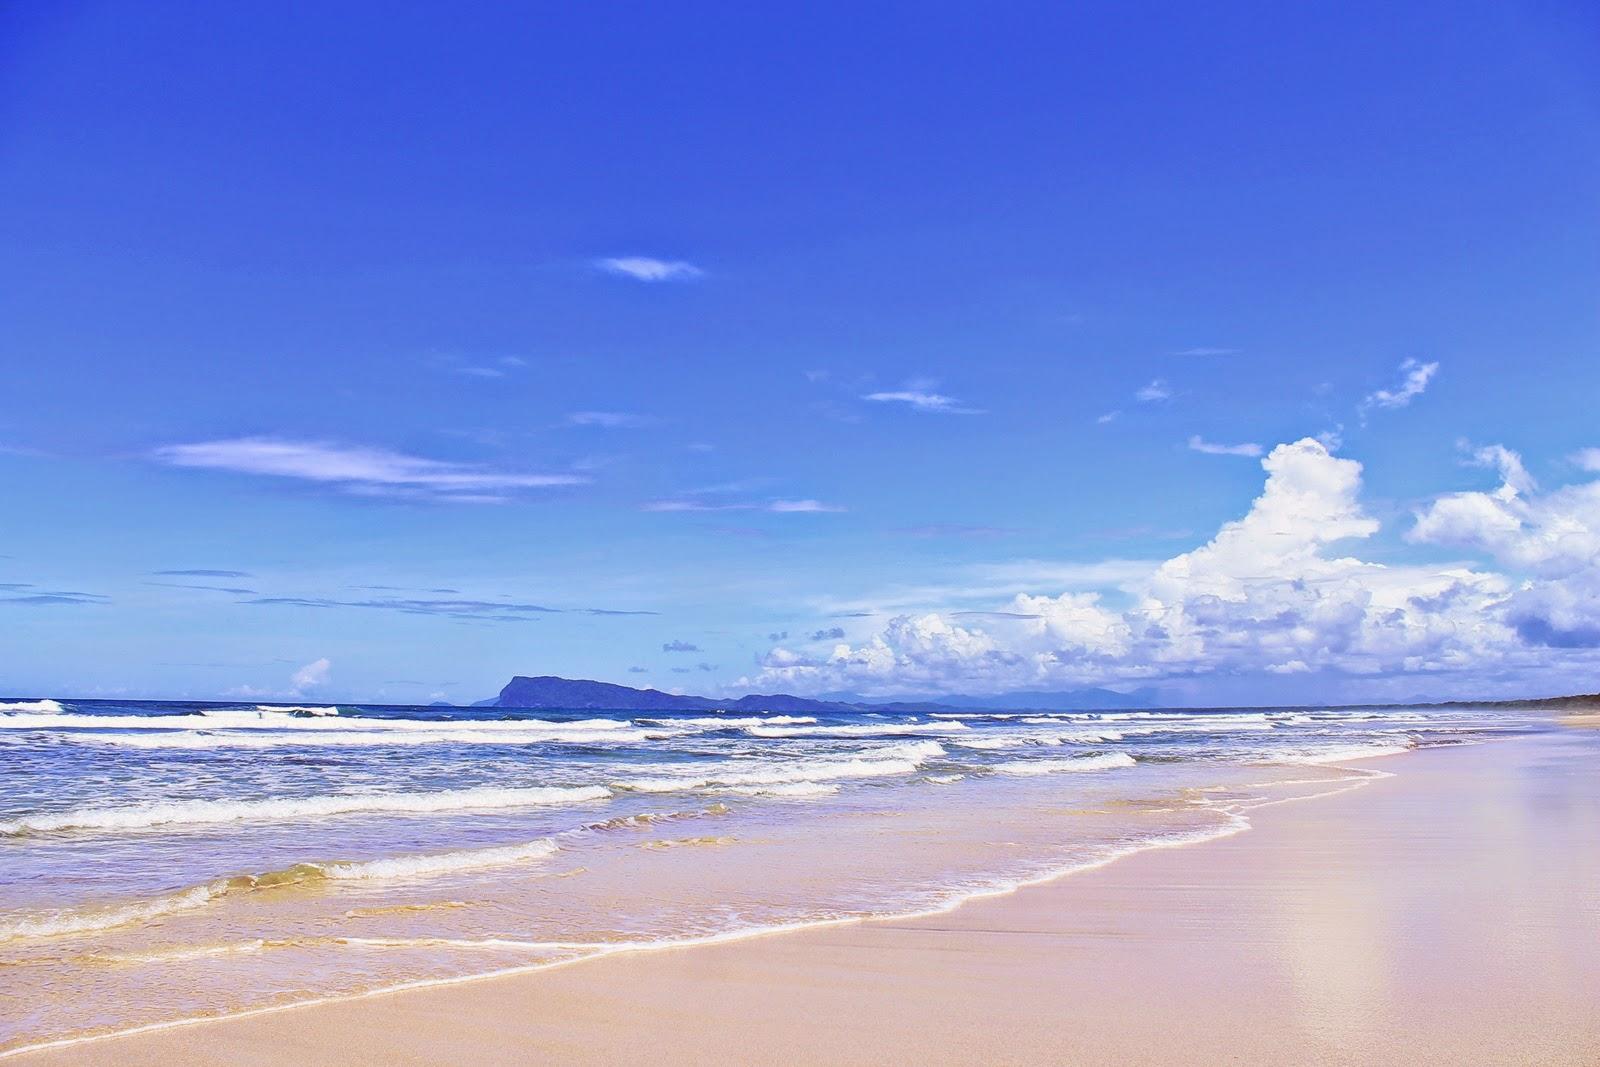 Pantai Trianggulasi Banyuwangi Bagus Deburan Ombak Terlihat Cukup Tinggi Topografi